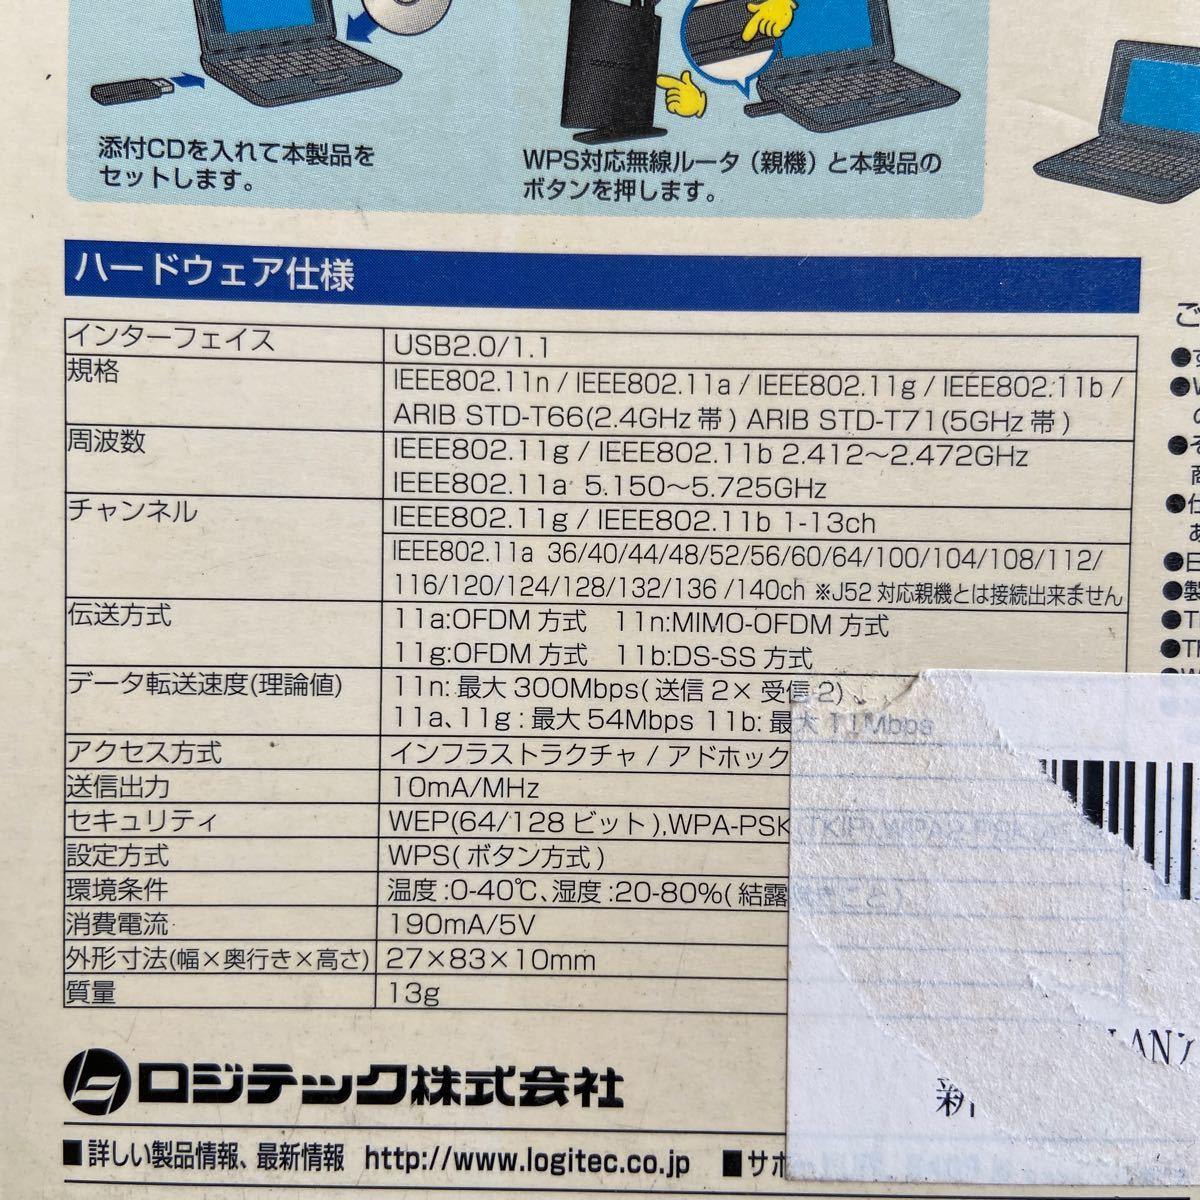 無線LANアダプタ Logitec LAN-W300AN/U2